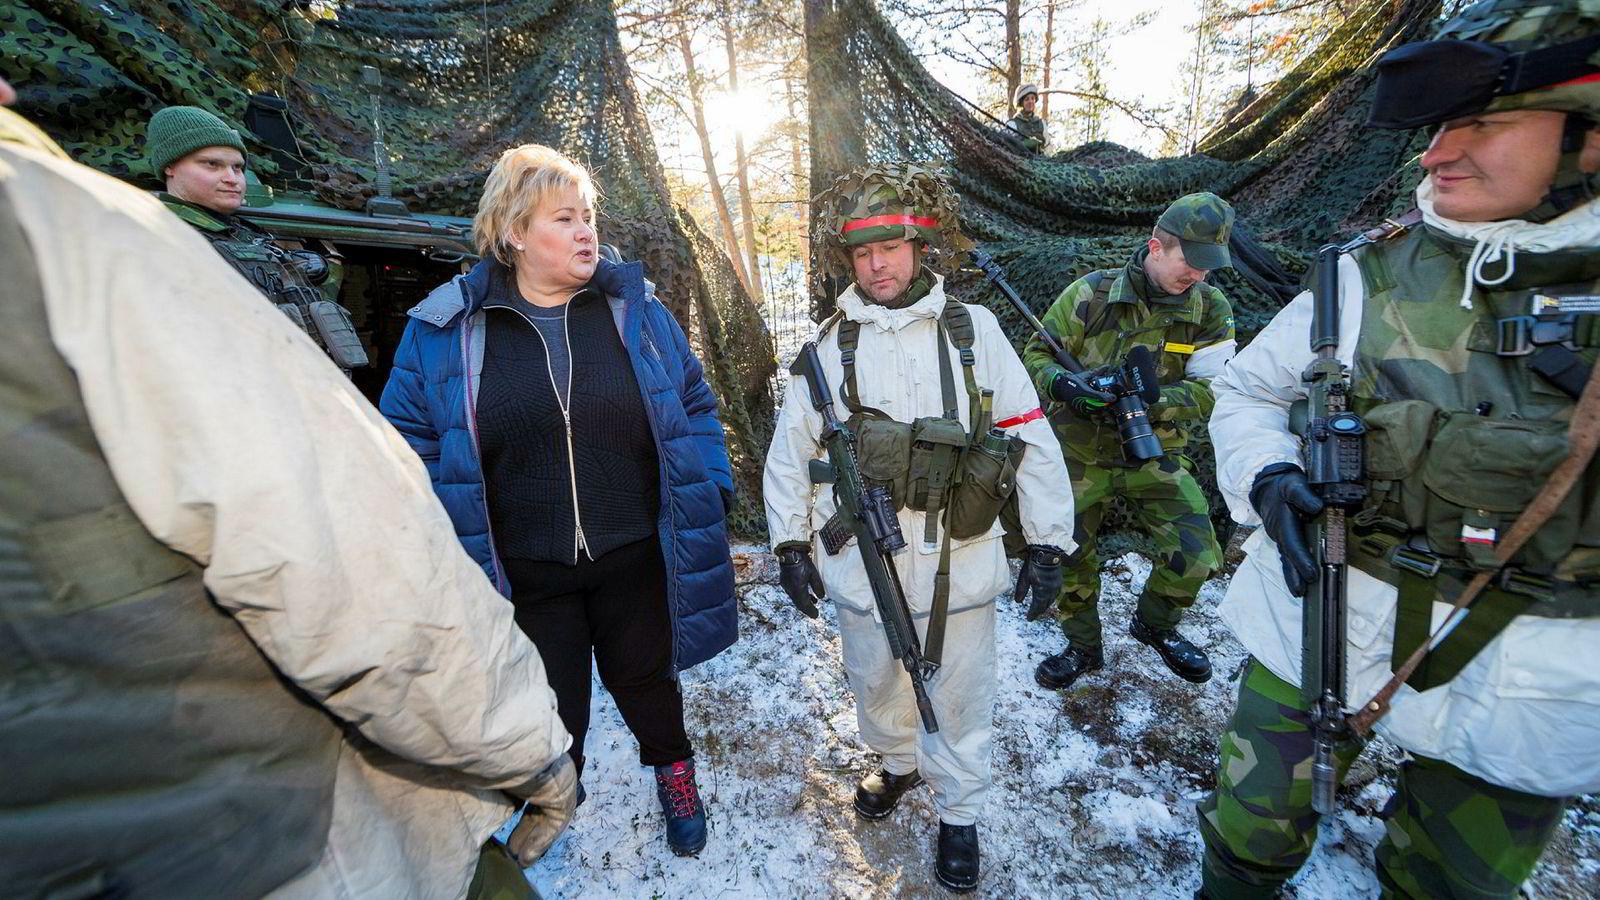 Statsminister Erna Solberg fikk omvisning av den svenske brigadesjefen Lennart Widerstöm (til høyre) under Nato-øvelsen Trident Juncture i fjor høst. Senere var den norske hæren på øvelse i Sverige.